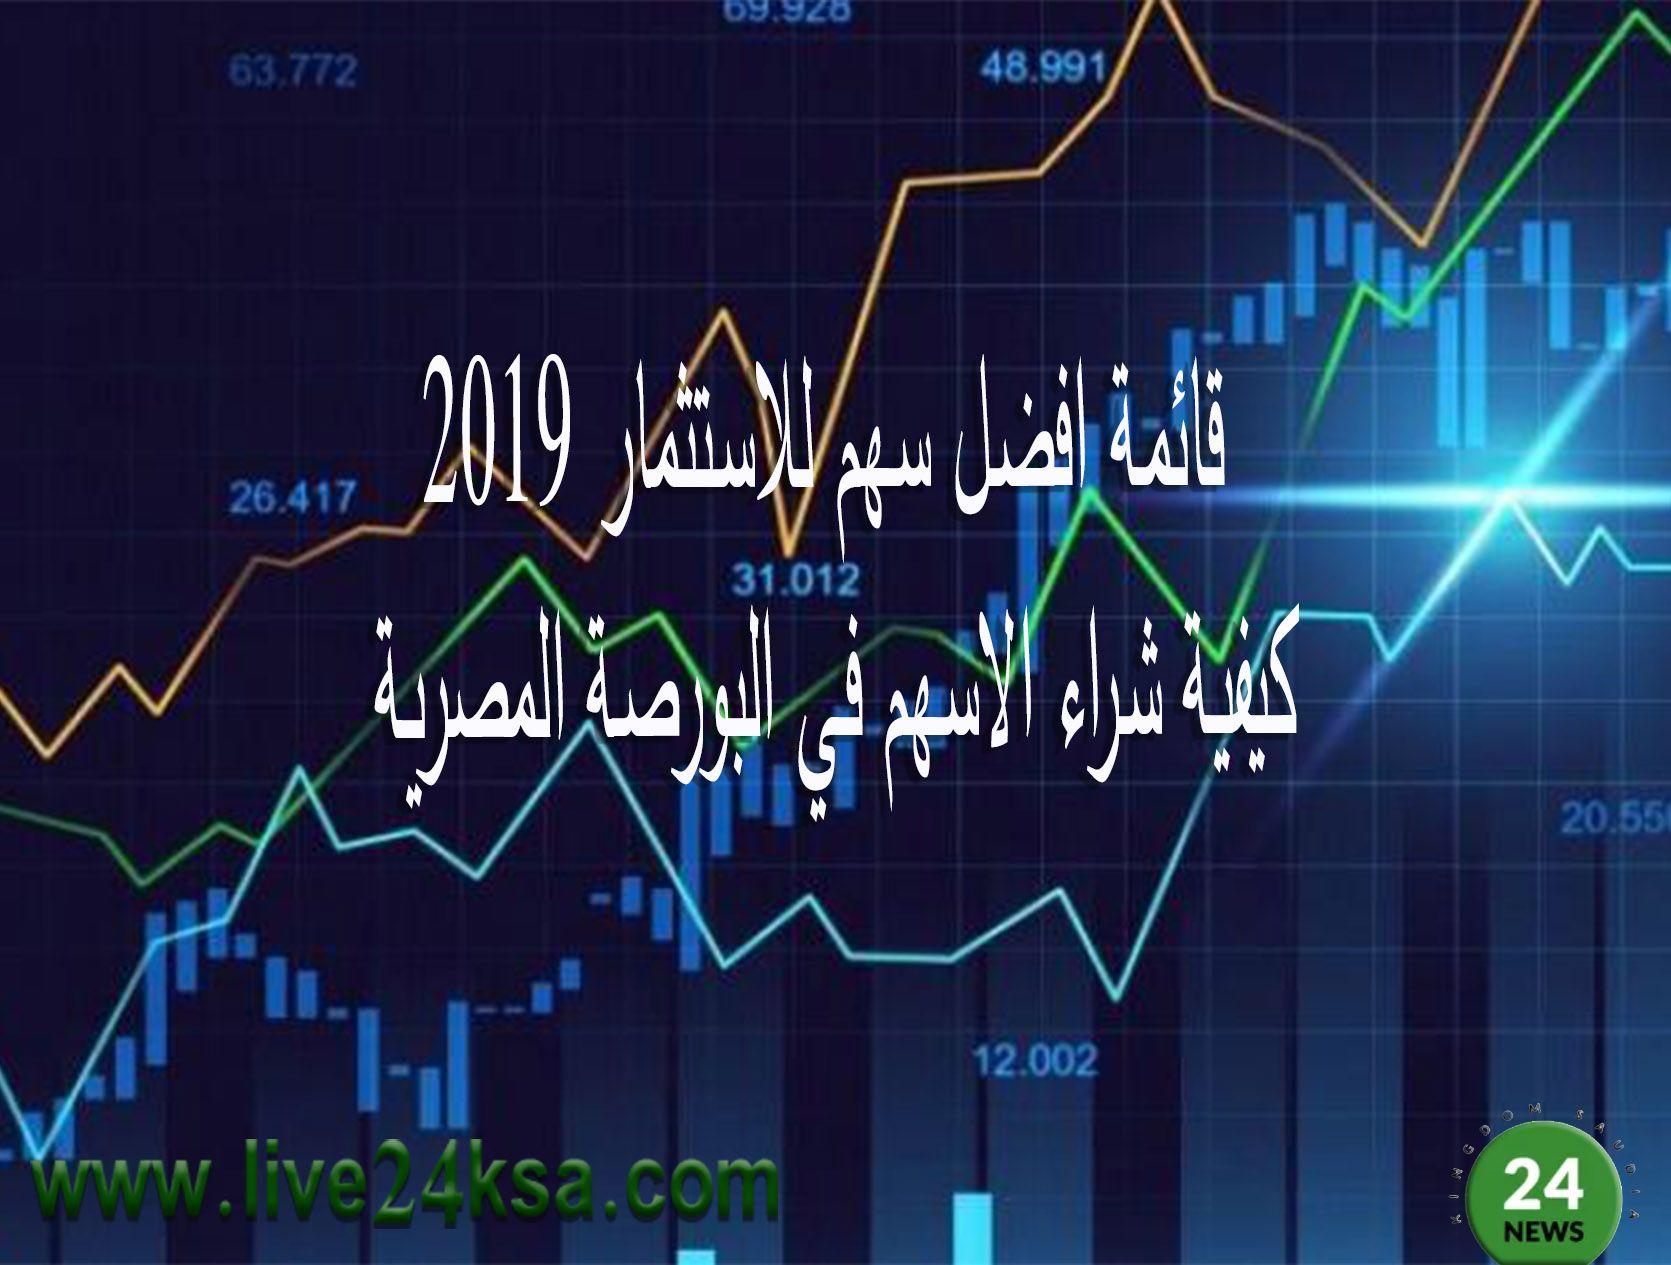 قائمة افضل سهم للاستثمار 2019 كيفية شراء الاسهم في البورصة المصرية Cannon Map Screenshot